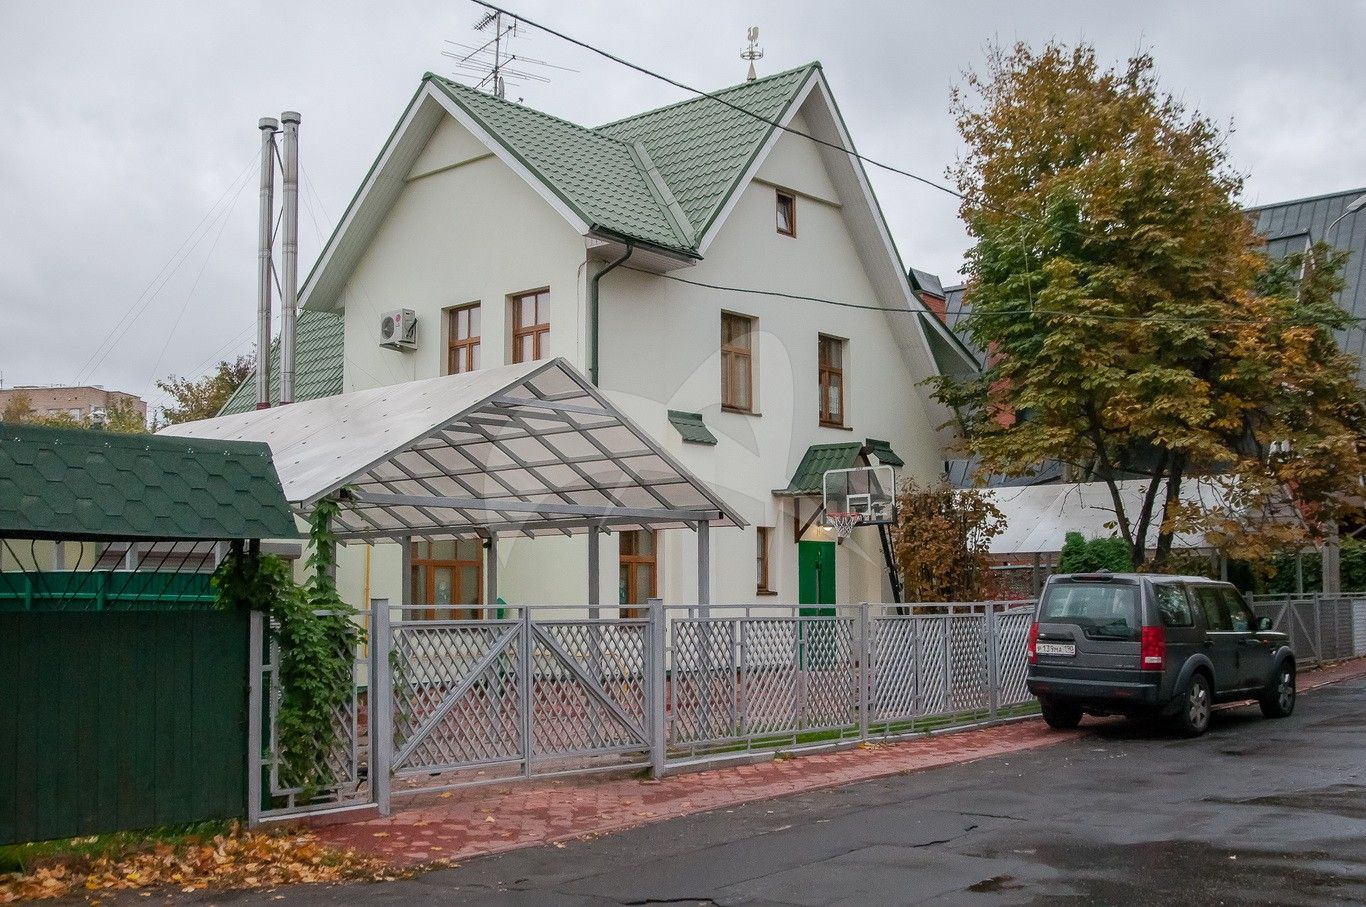 Жилой дом, 1929 г., арх. И. Кондаков